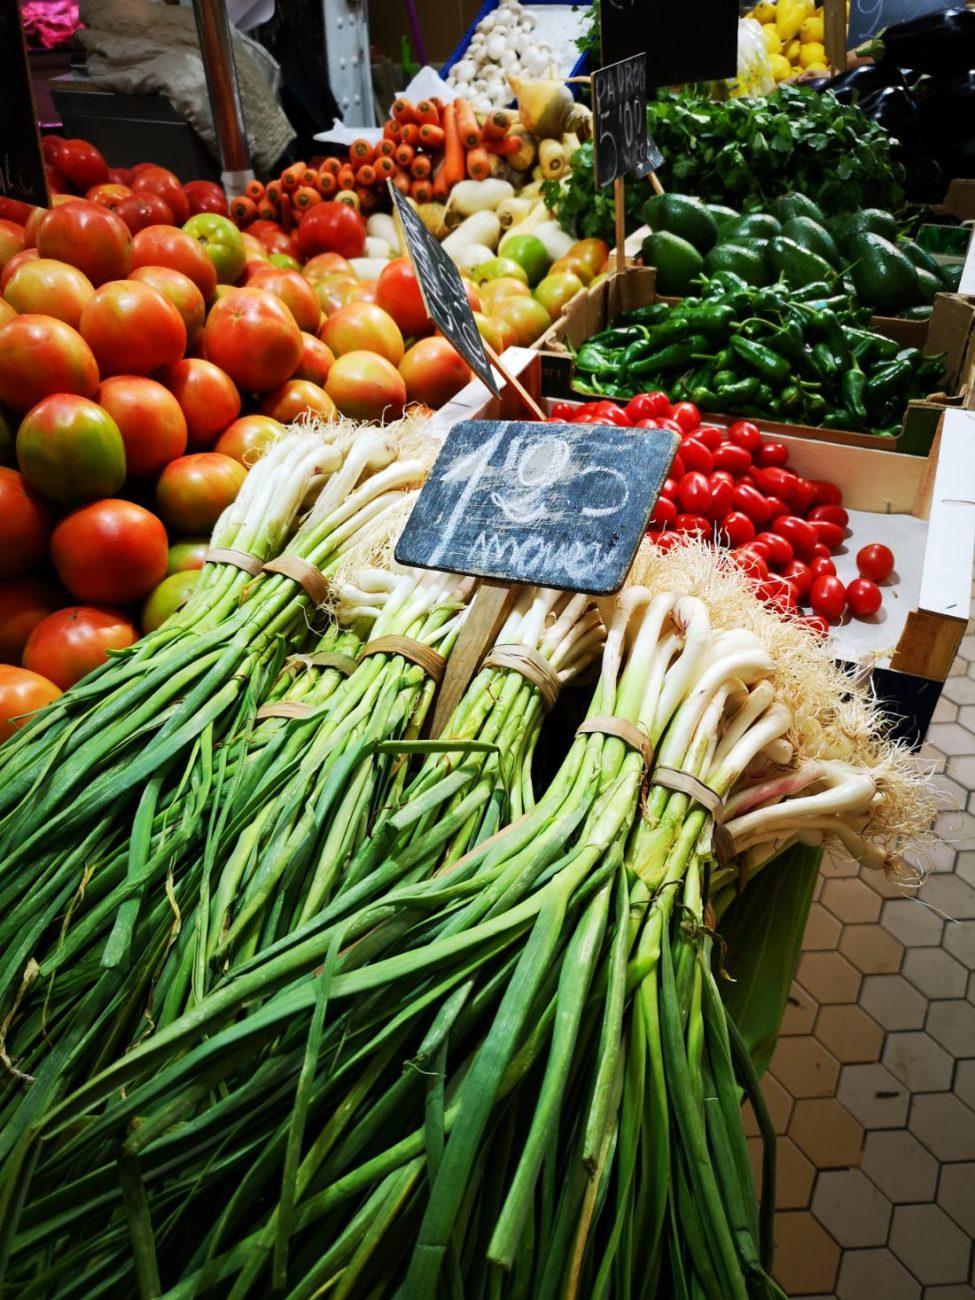 targ główny walencja zakupy warzywa